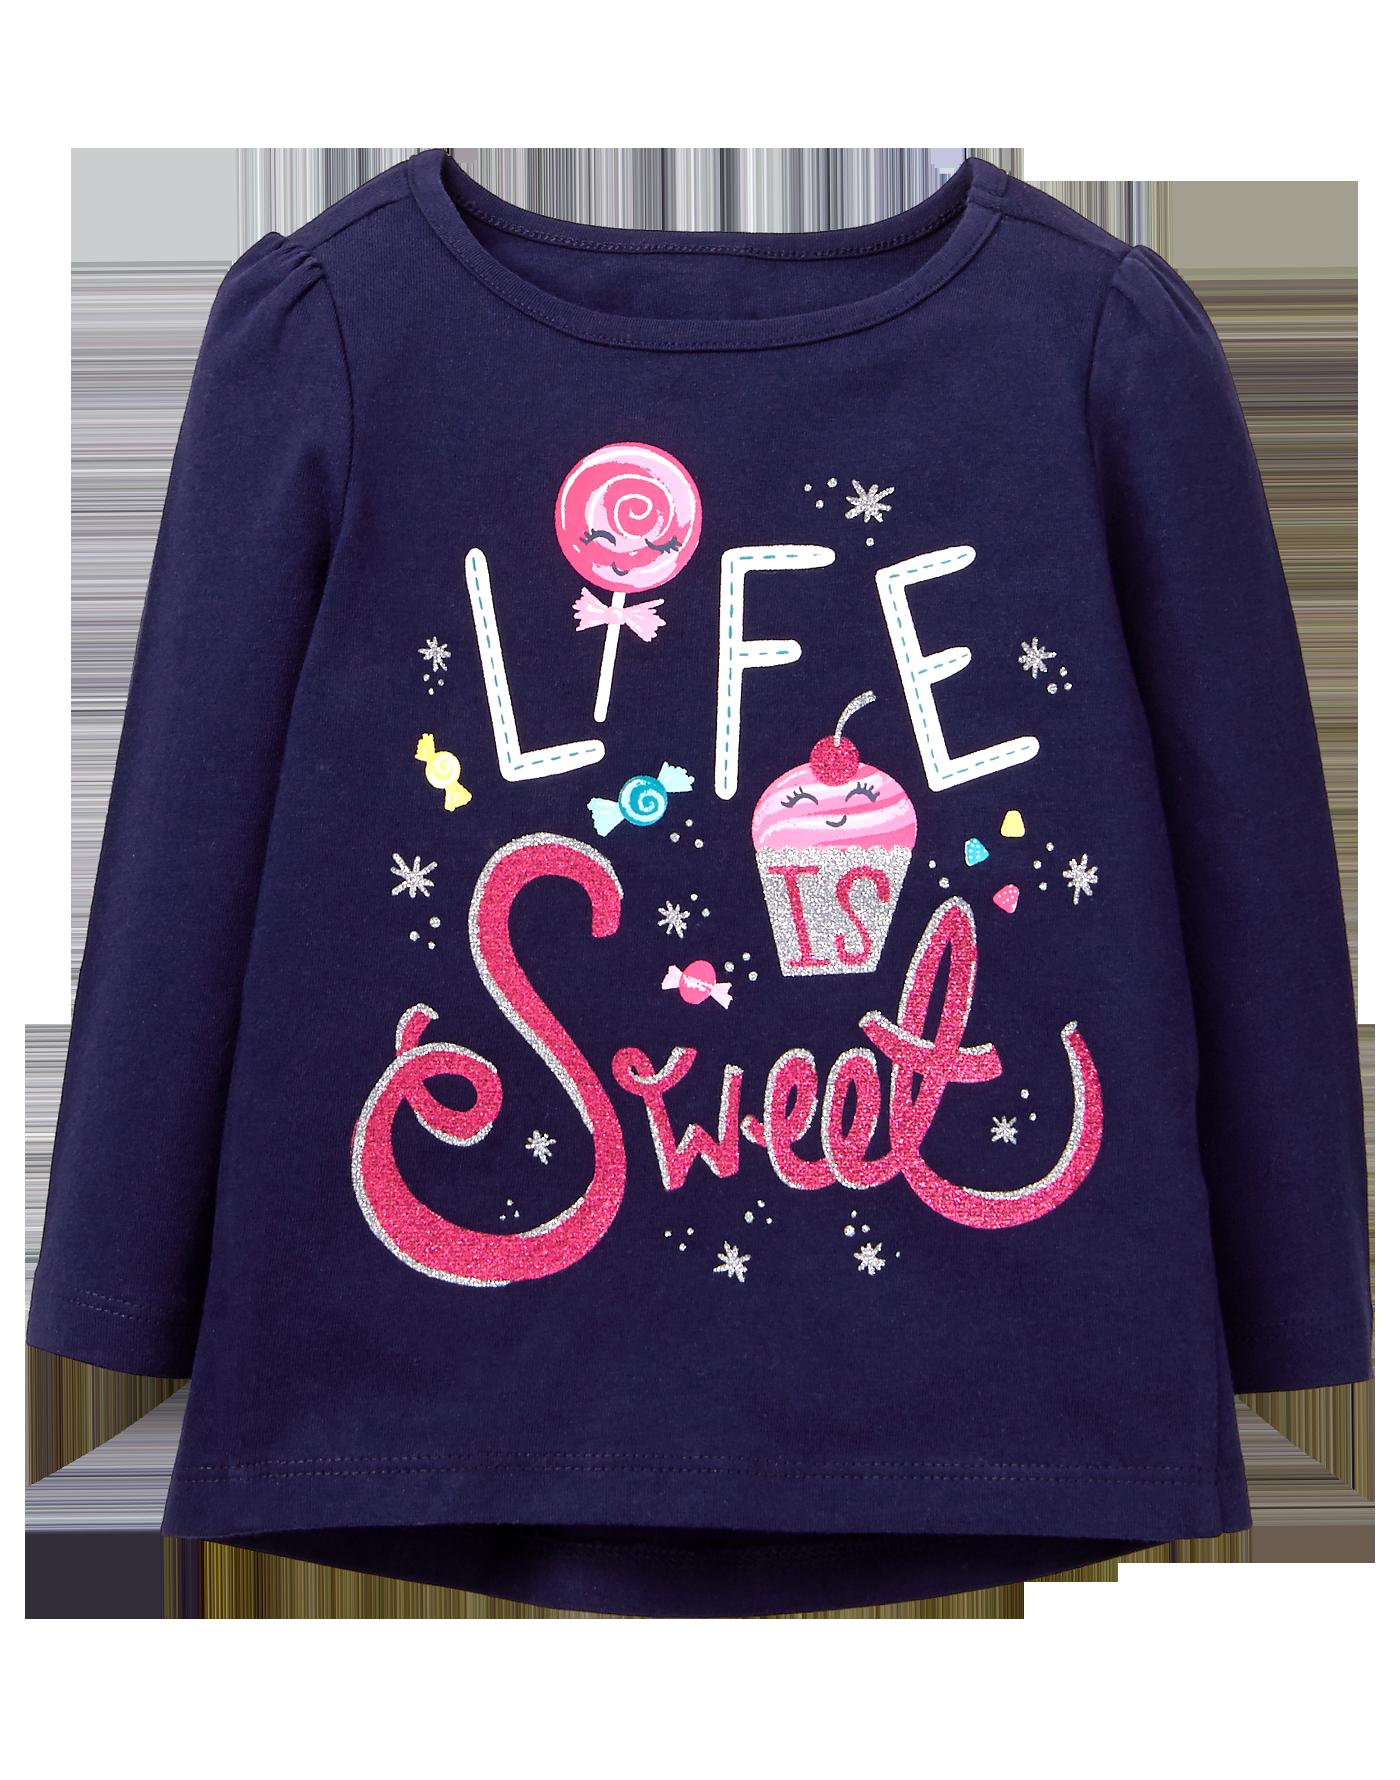 12fc59dd4 Sweet Life Tee